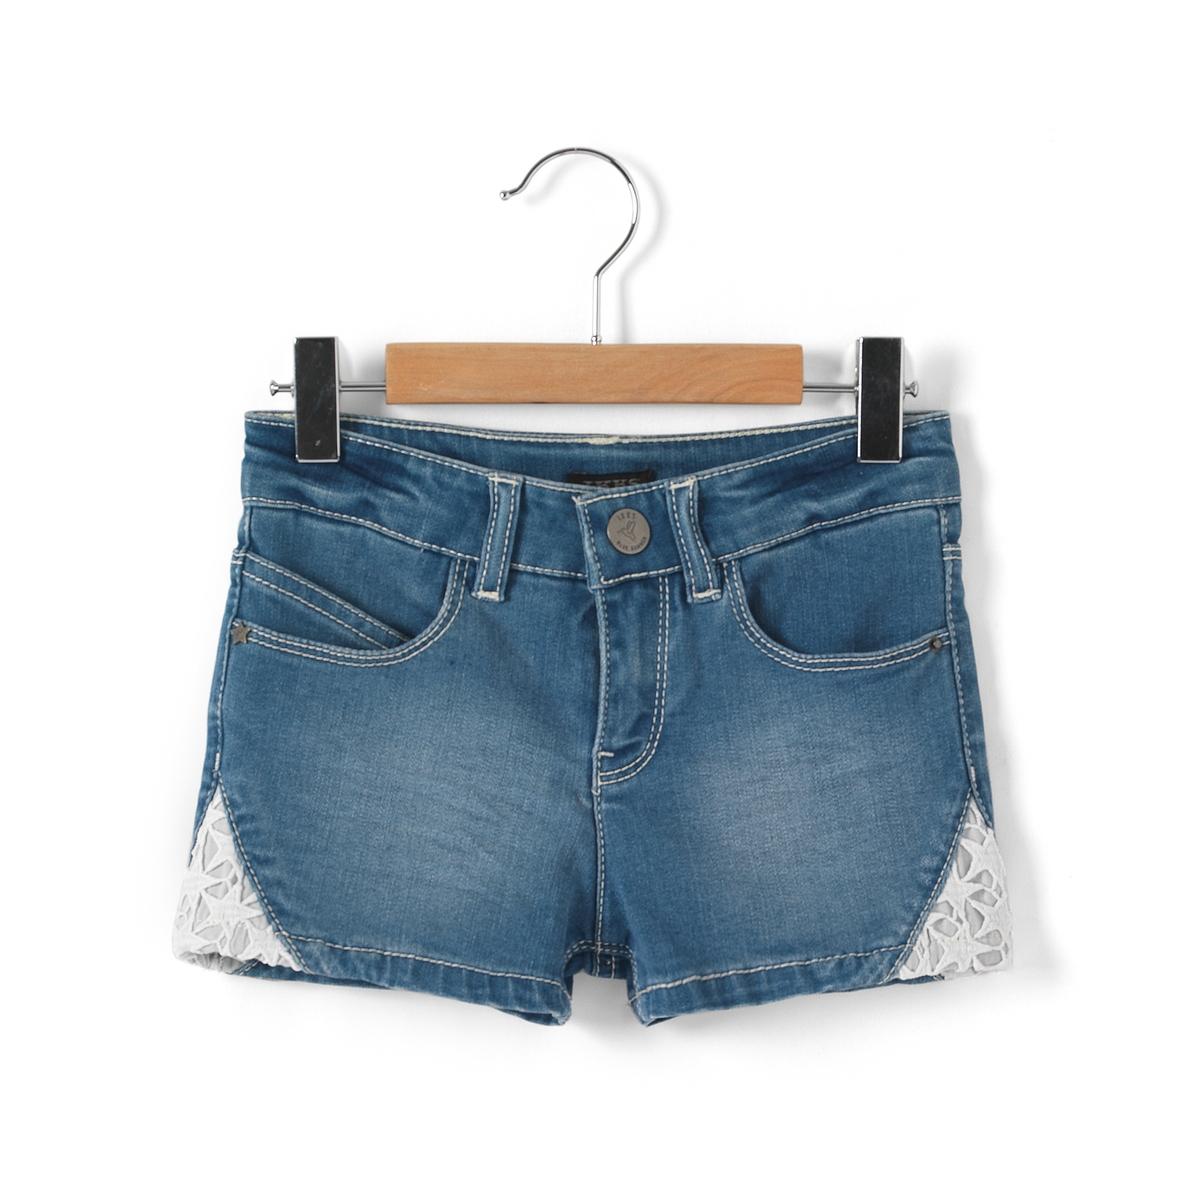 Шорты джинсовые для девочек, 3 - 14 лет лифчик для девочек 14 лет